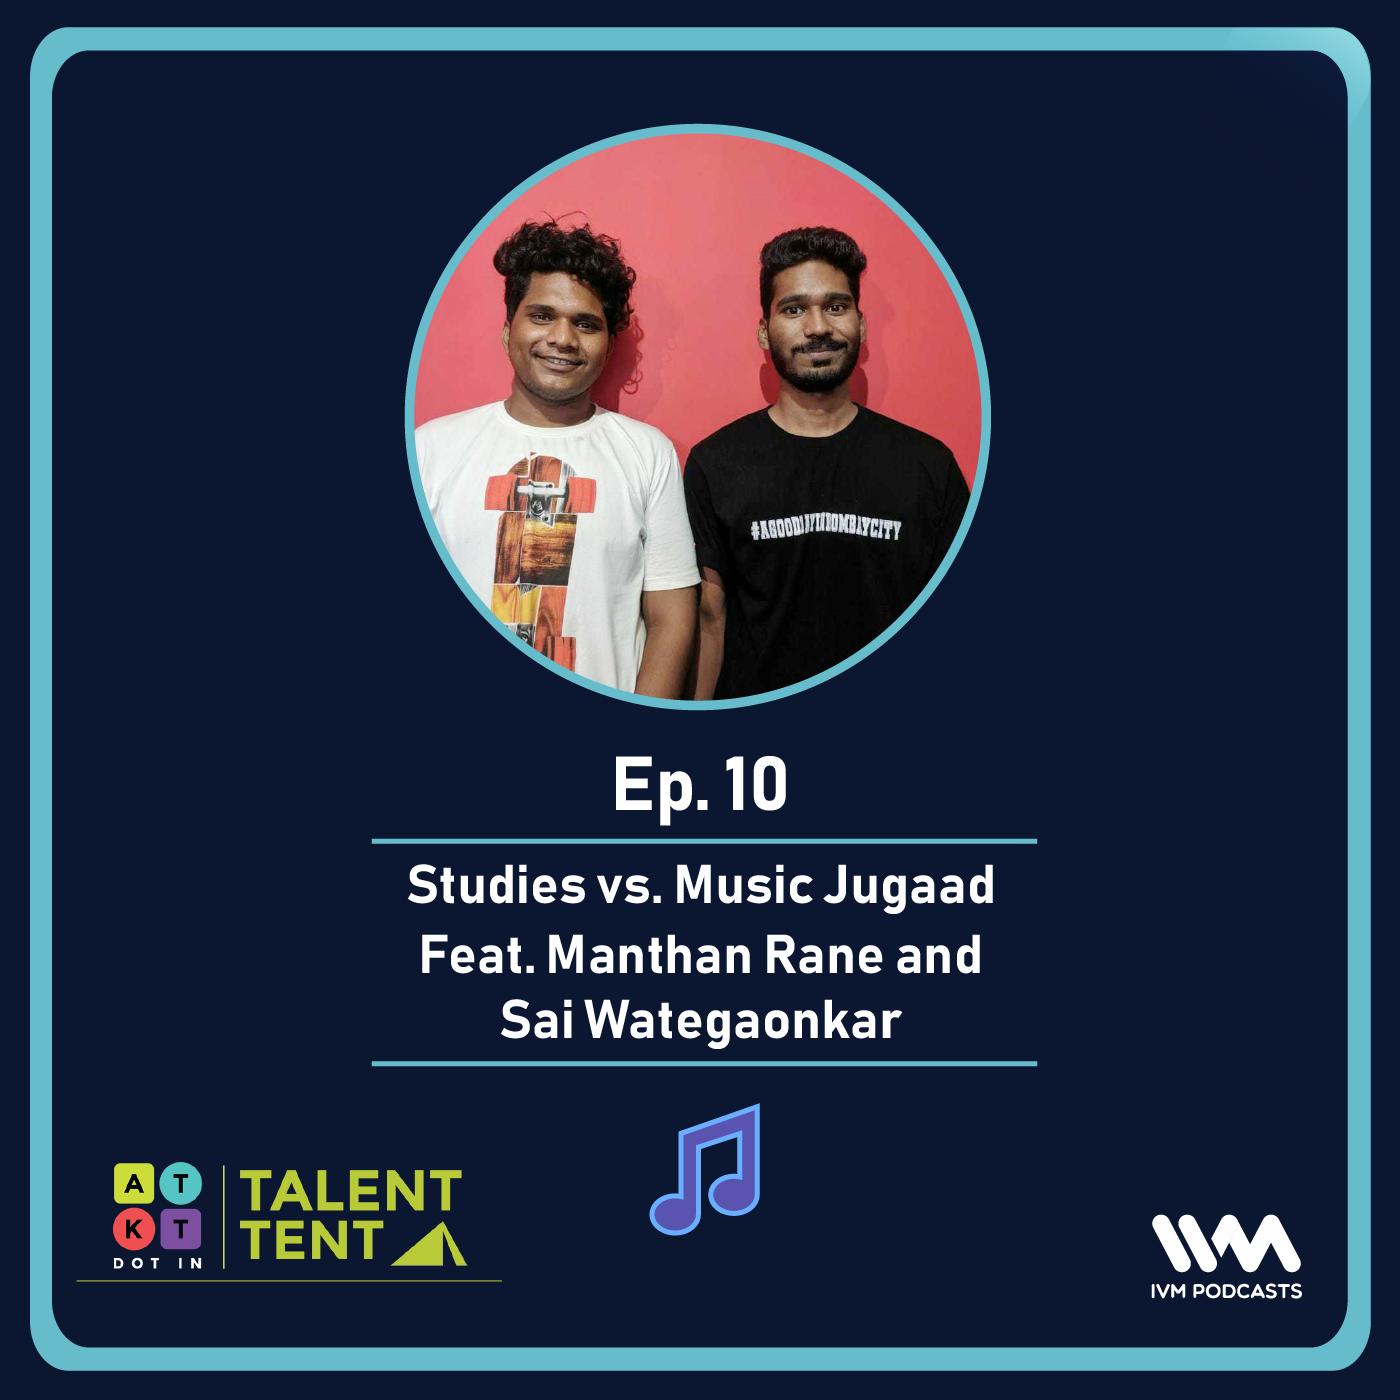 Ep. 10: Studies vs. Music Jugaad